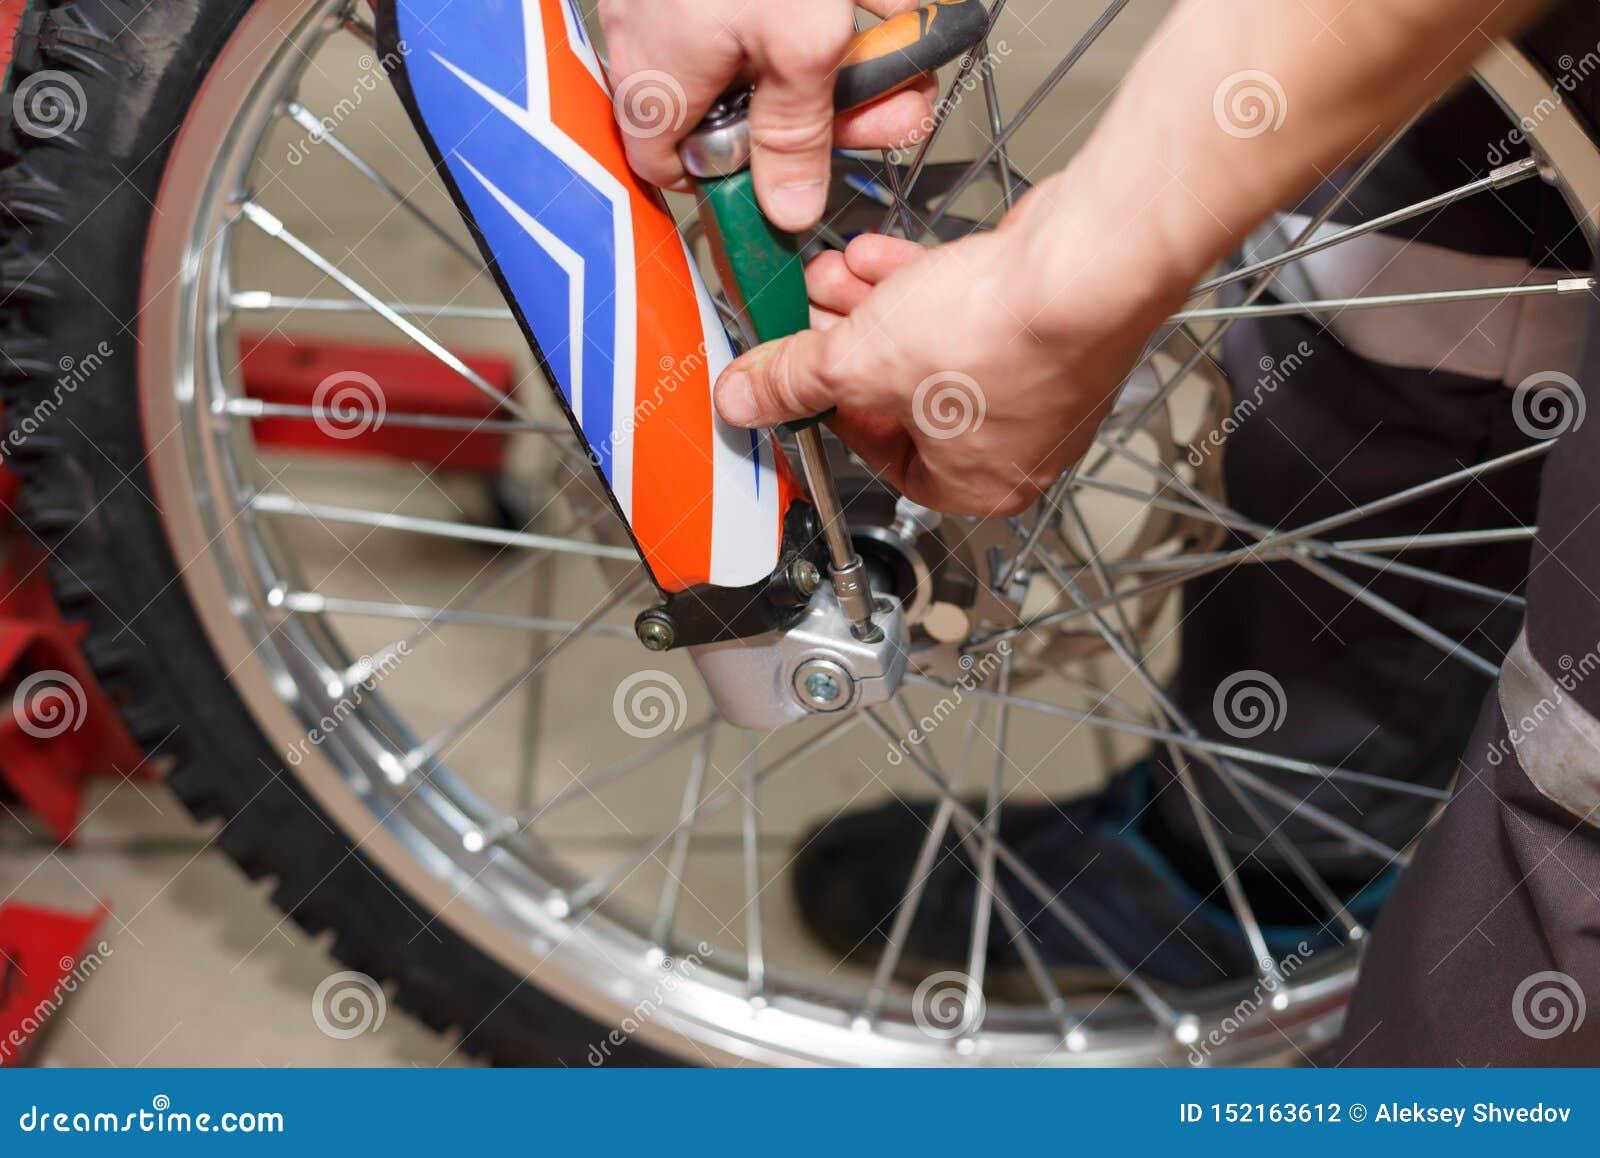 Reparo da roda da motocicleta após escapes do pneu ou dano do disco